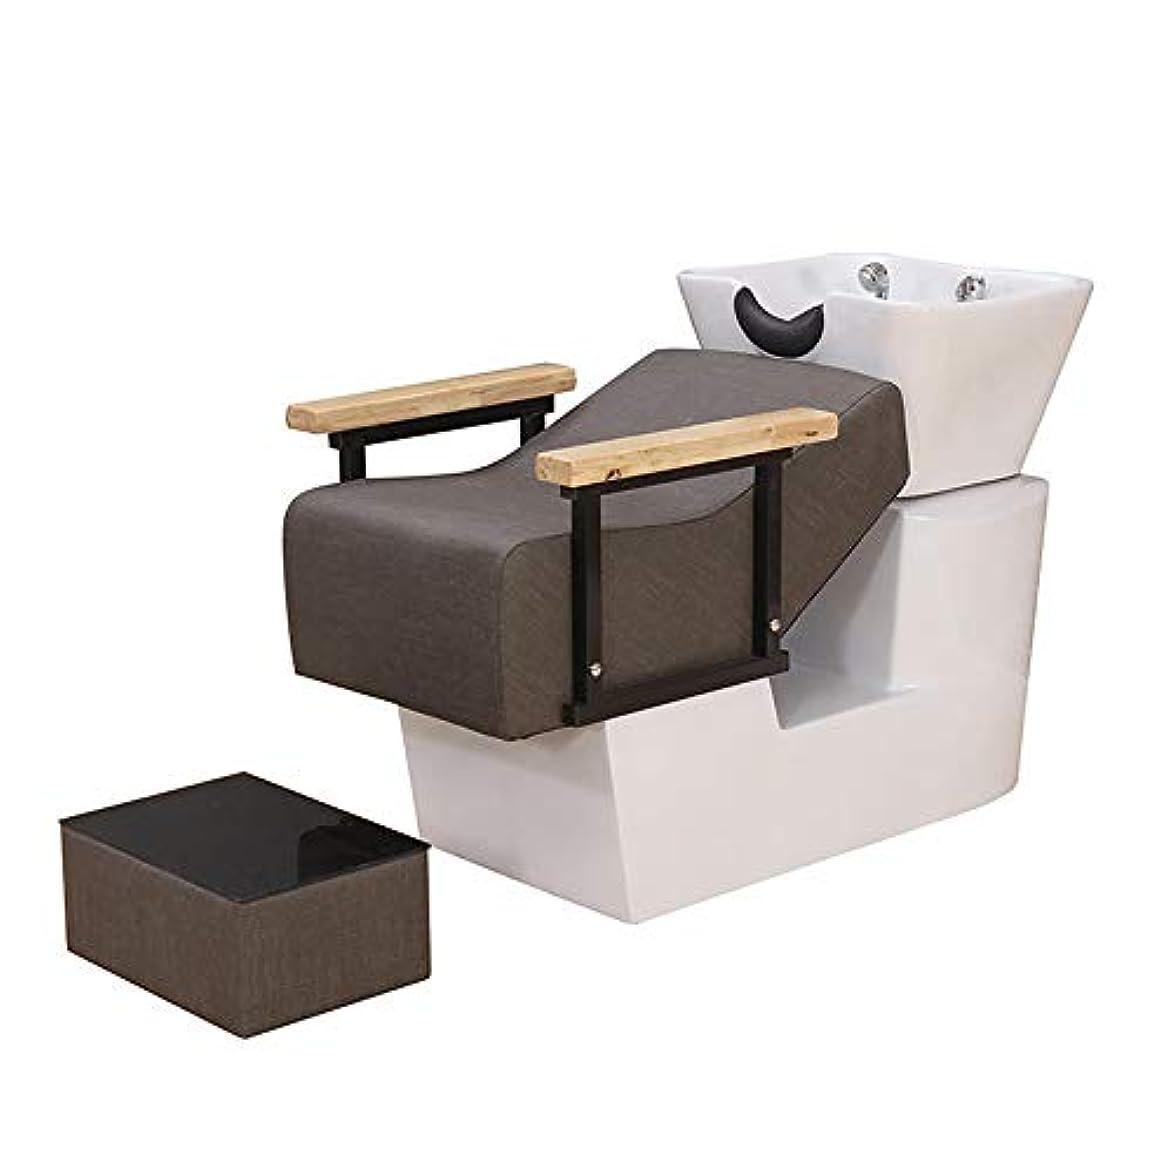 そよ風歌手ユーモラスシャンプーチェア、逆洗ユニットシャンプーボウル理髪シンクシンクチェア用スパ美容院機器用半埋め込みフラッシュベッド